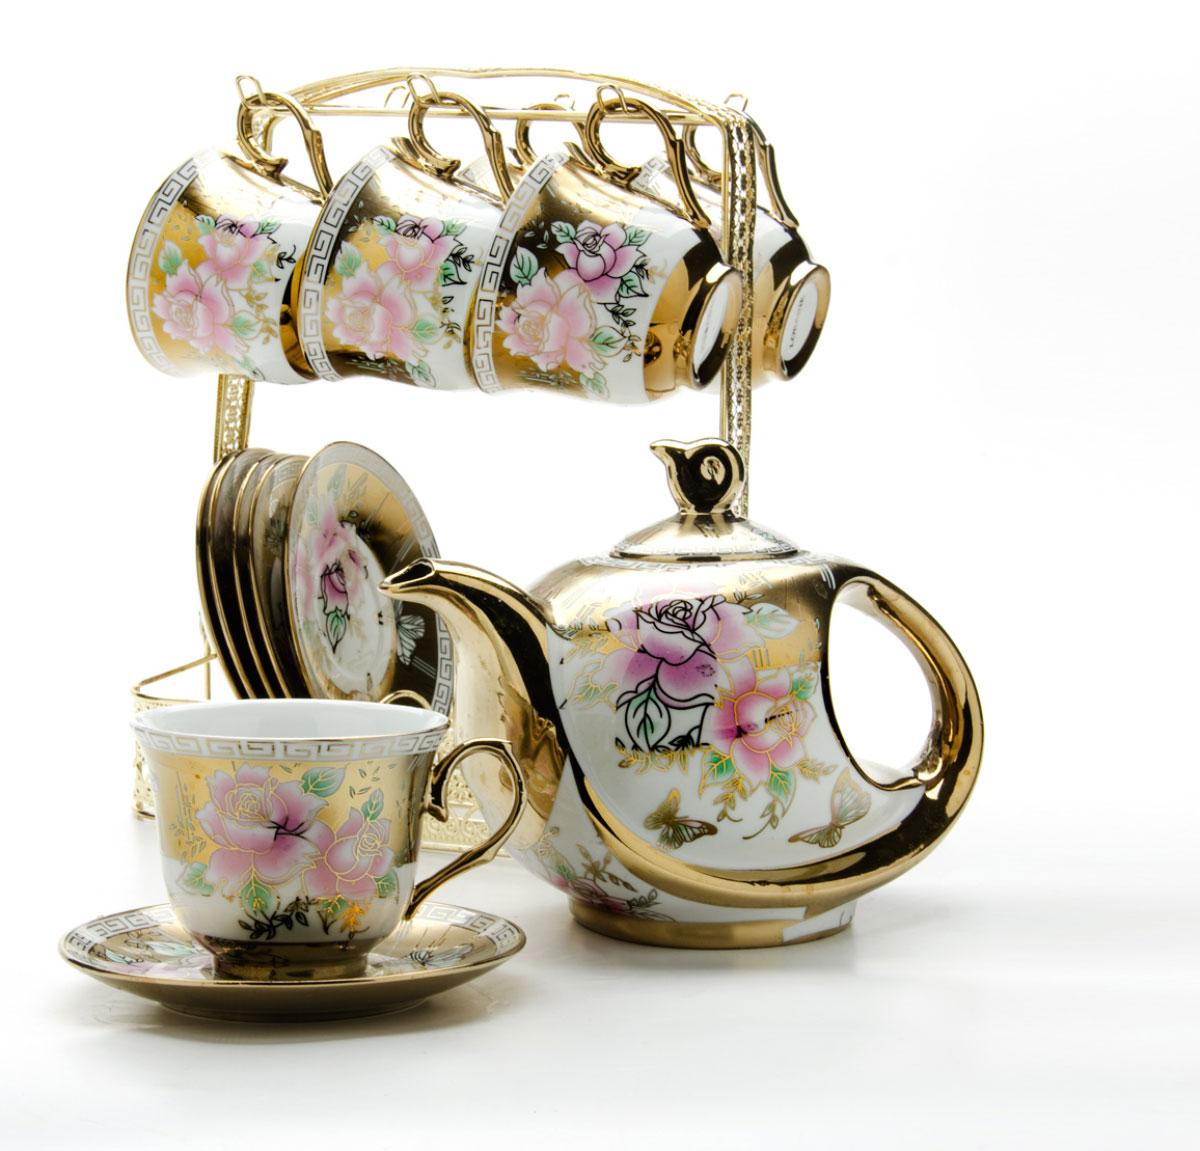 Набор чайный Loraine, на подставке, 15 предметов. 24785115610Чайный набор Loraine состоит из шести чашек, шести блюдец и заварочного чайника. Предметы набора изготовлены из керамики и оформлены изображением цветов и бабочек. Все предметы располагаются на удобной металлической подставке с ручкой. Элегантный дизайн набора придется по вкусу и ценителям классики, и тем, кто предпочитает утонченность и изысканность. Он настроит на позитивный лад и подарит хорошее настроение с самого утра. Чайный набор идеально подойдет для сервировки стола и станет отличным подарком к любому празднику.Объем чашки: 220 мл.Объем чайника: 950 мл.Диаметр блюдца: 13,5 см.